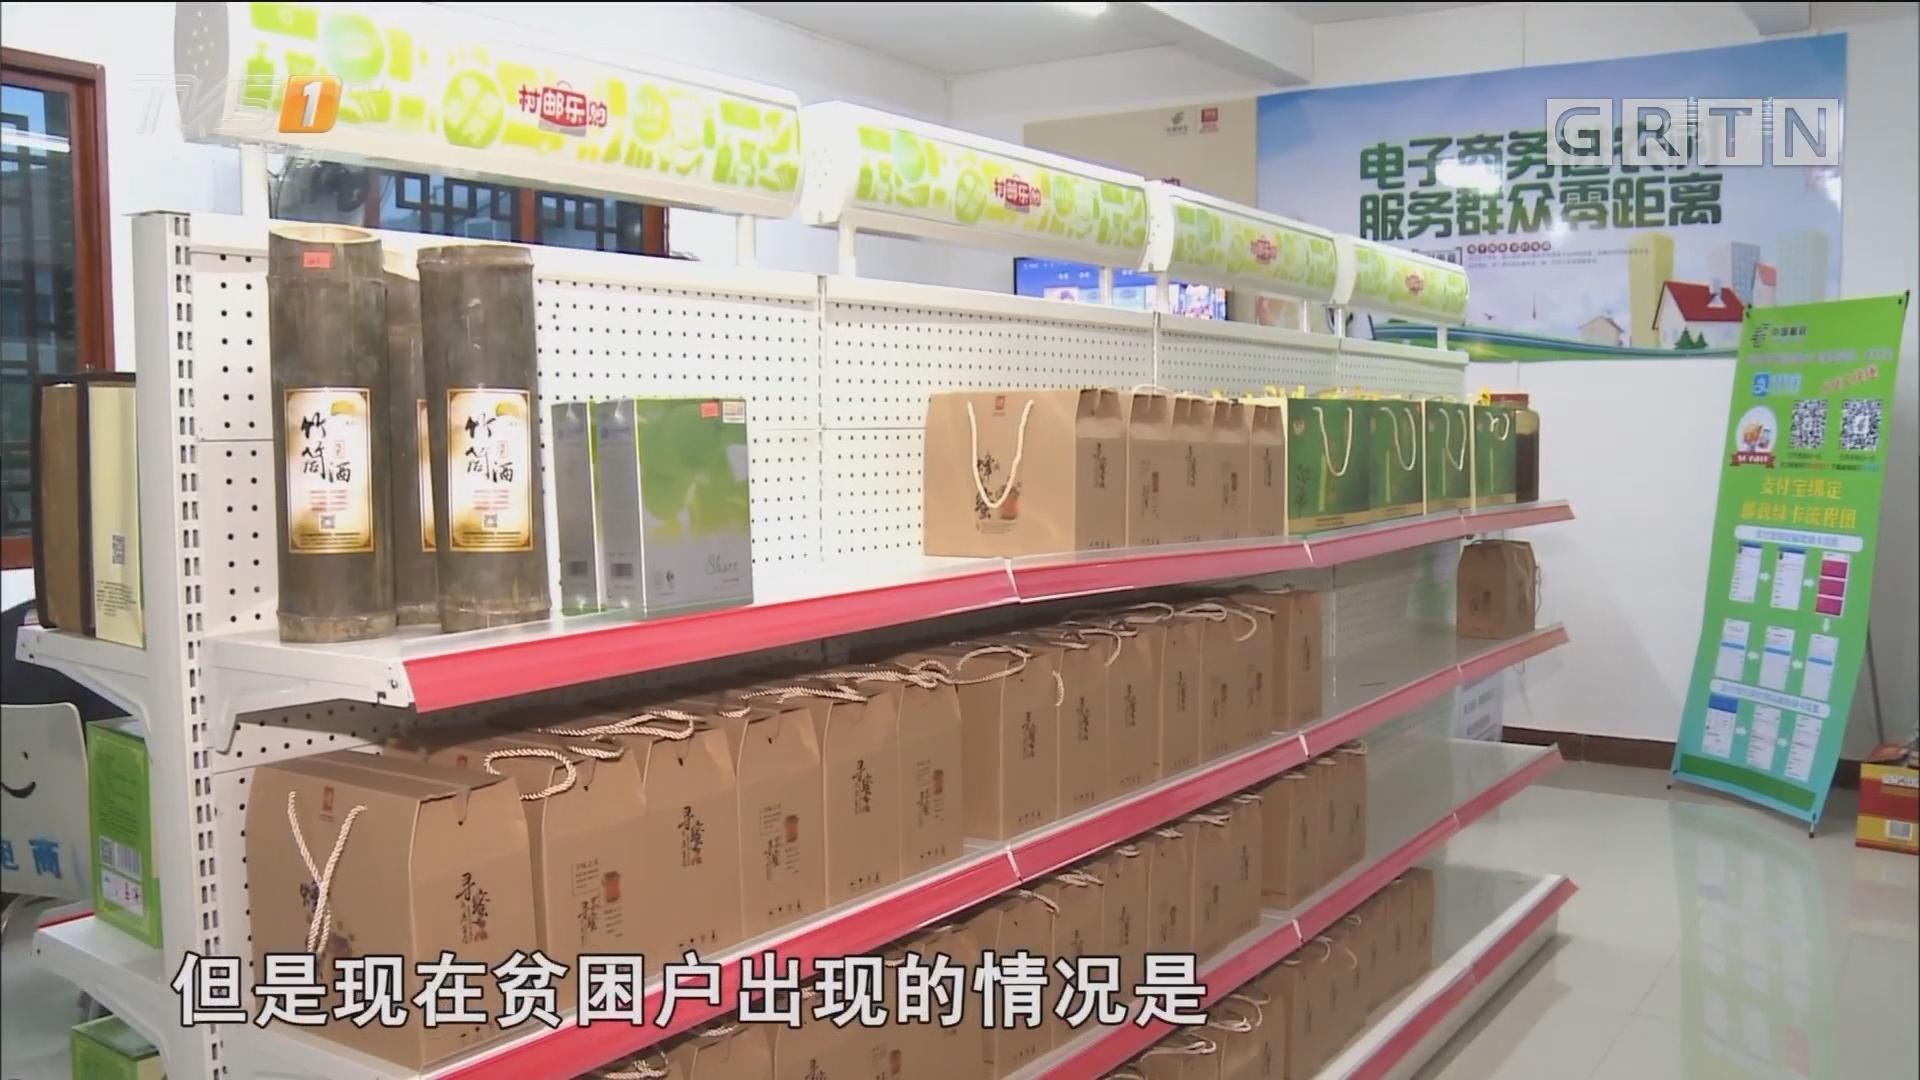 广东精准扶贫影像记录·我是书记我代言:韶关南雄角湾村 电商助力 打造脱贫致富的甜蜜产业